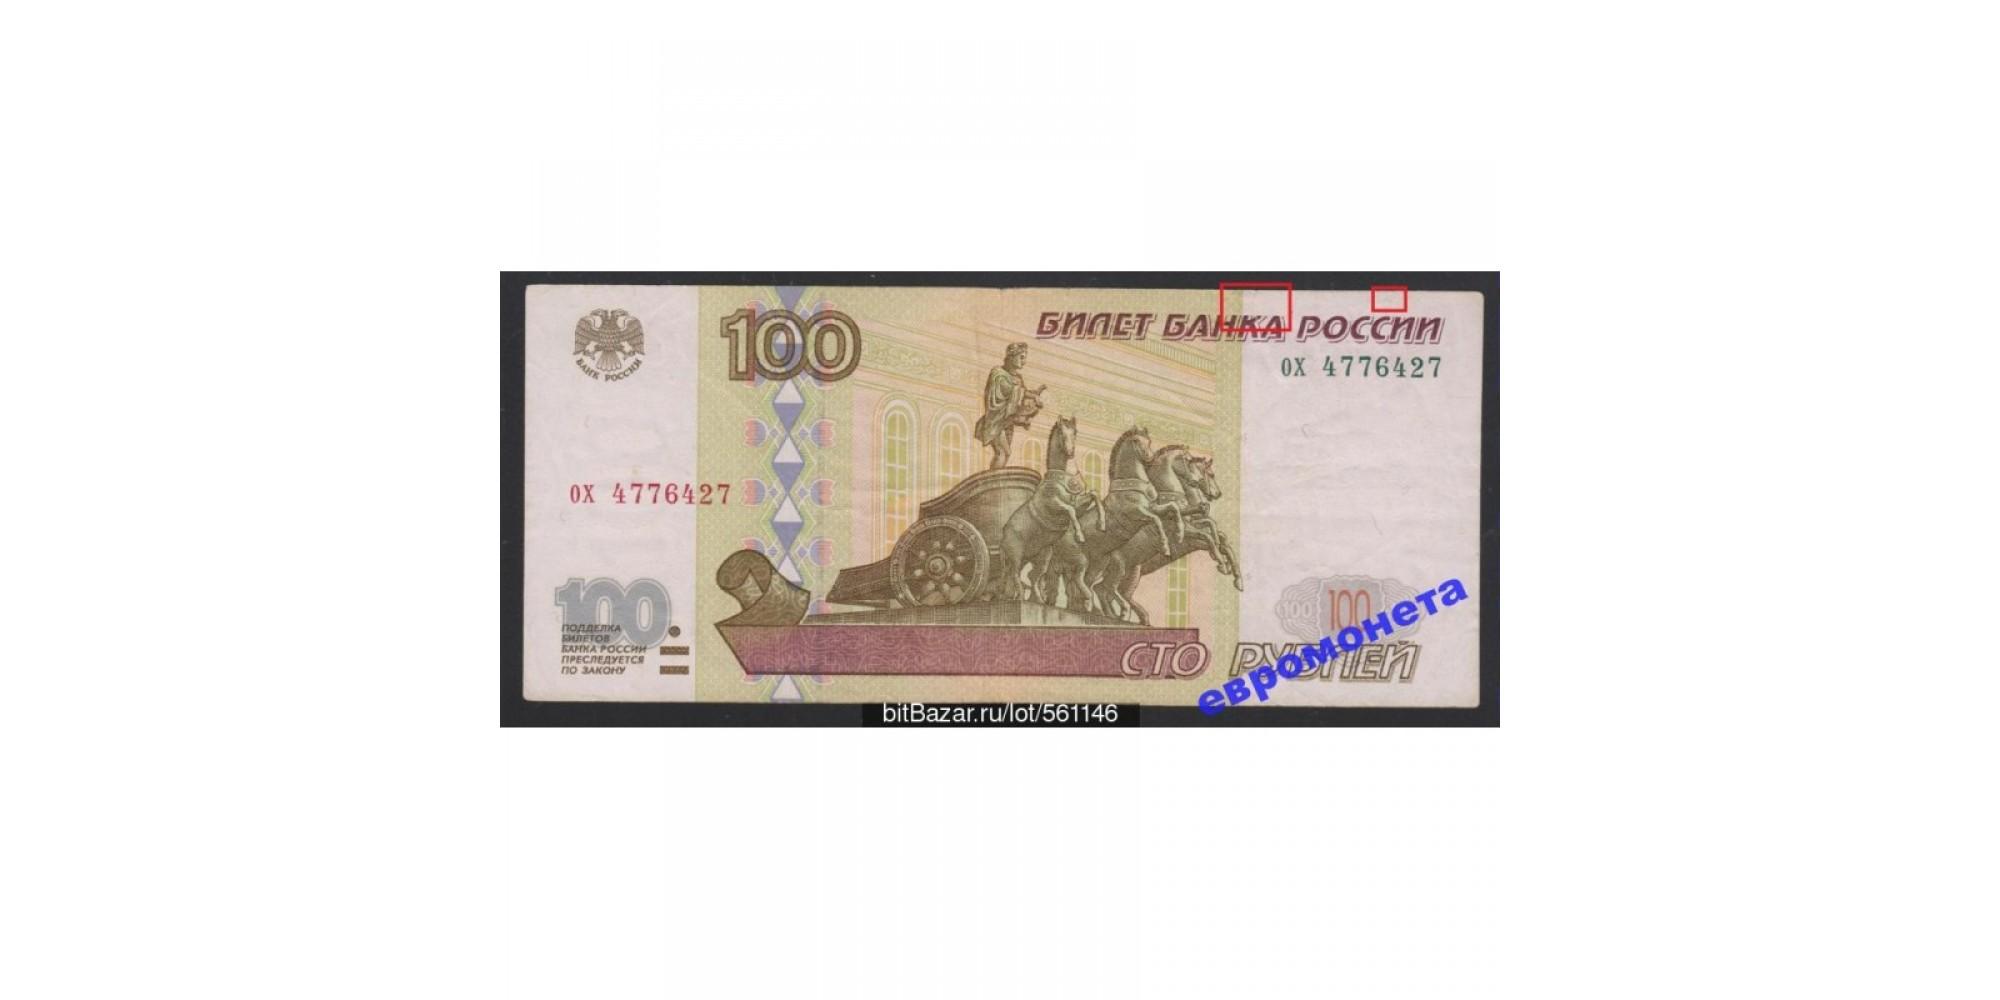 Россия 100 рублей 1997 год без модификации серия ох 4776427